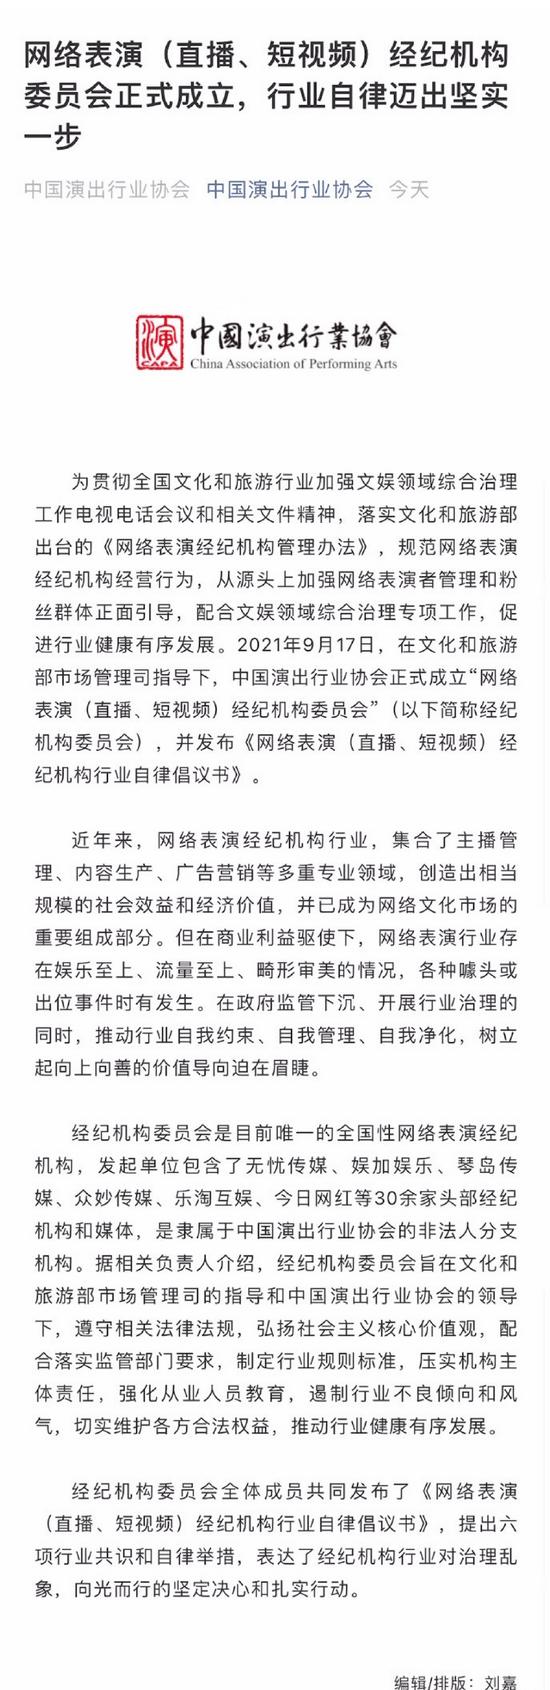 中演协网络表演经纪机构委员会成立 倡导诚信立业